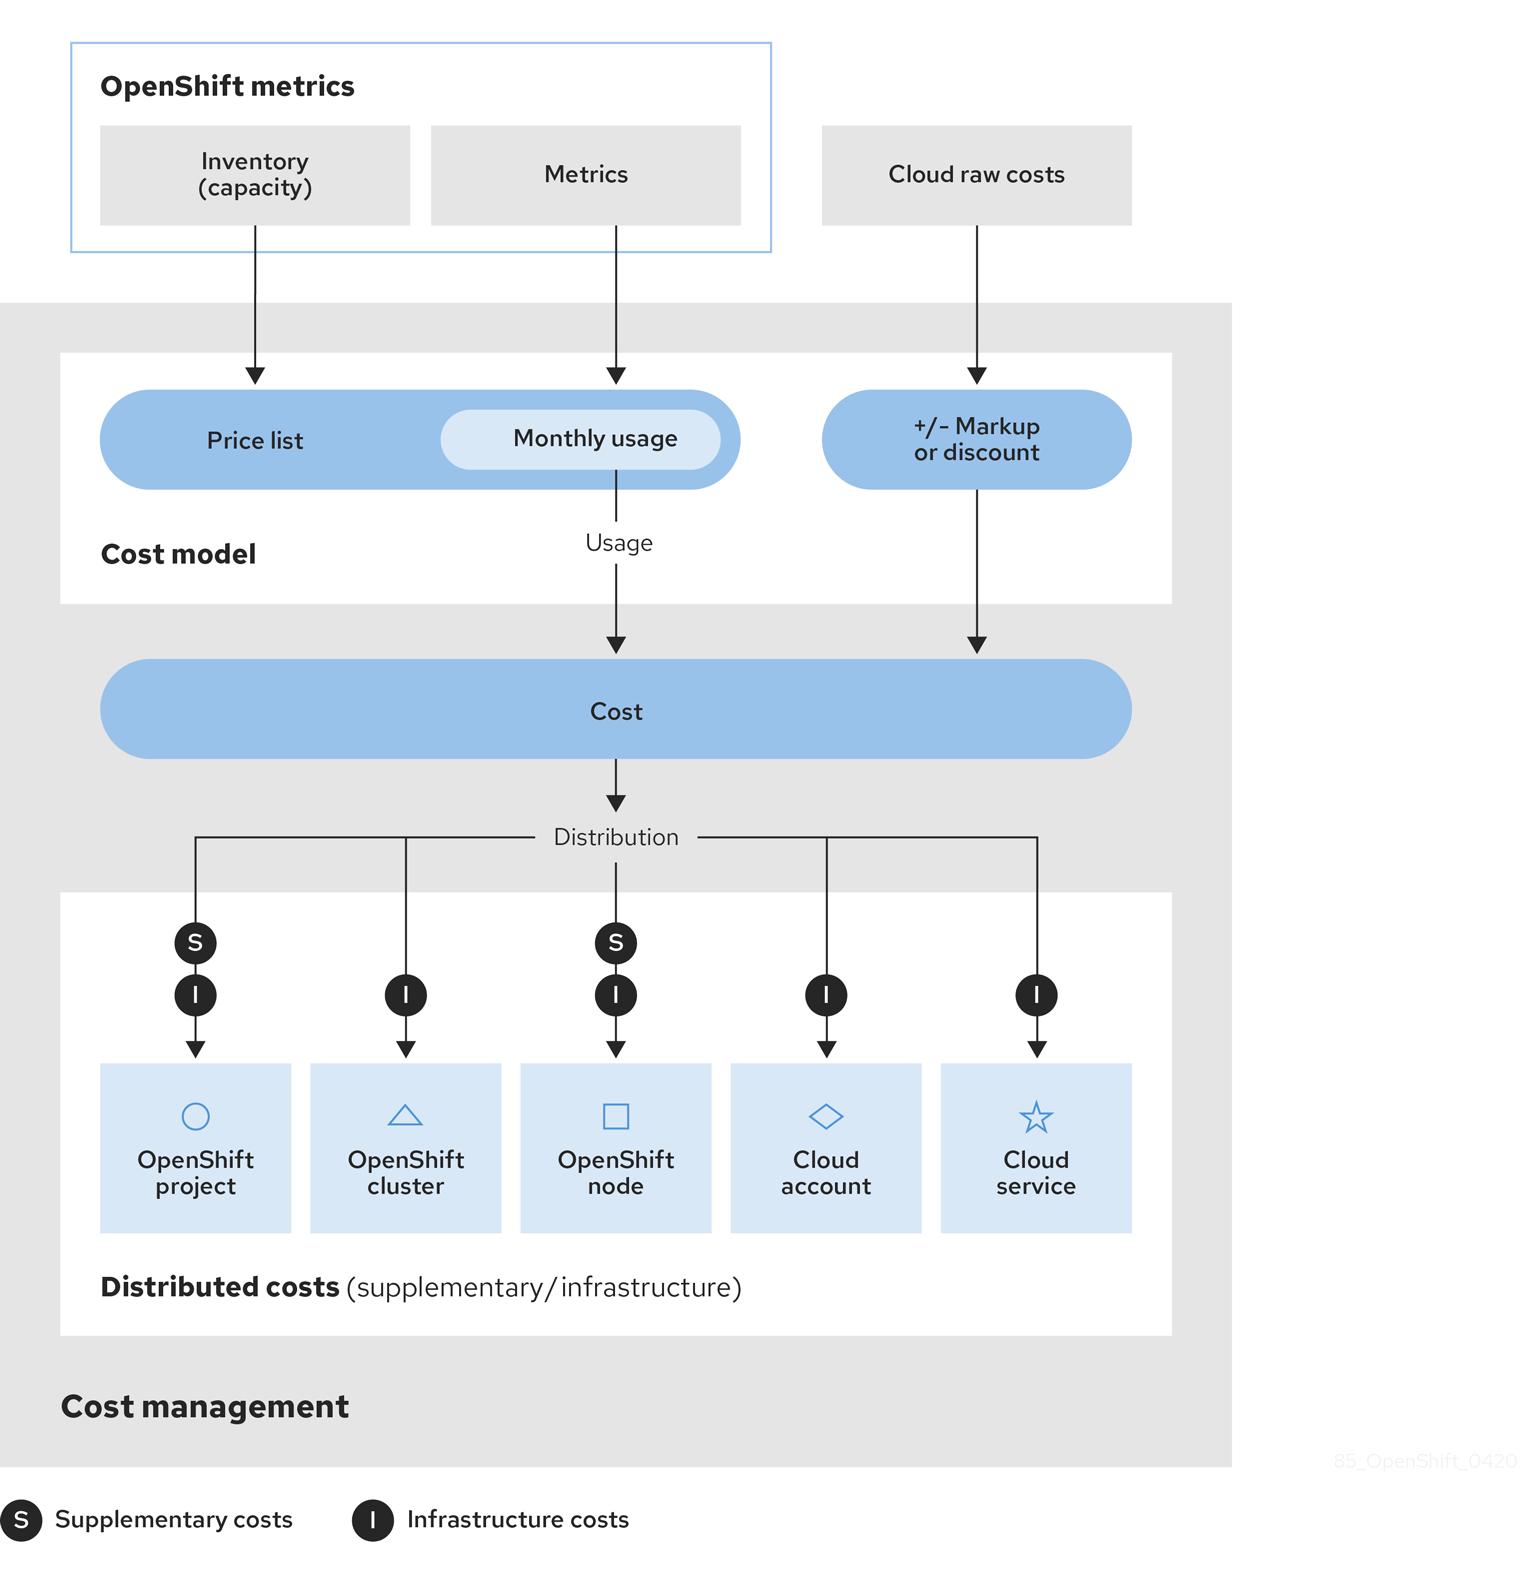 costmodel workflow